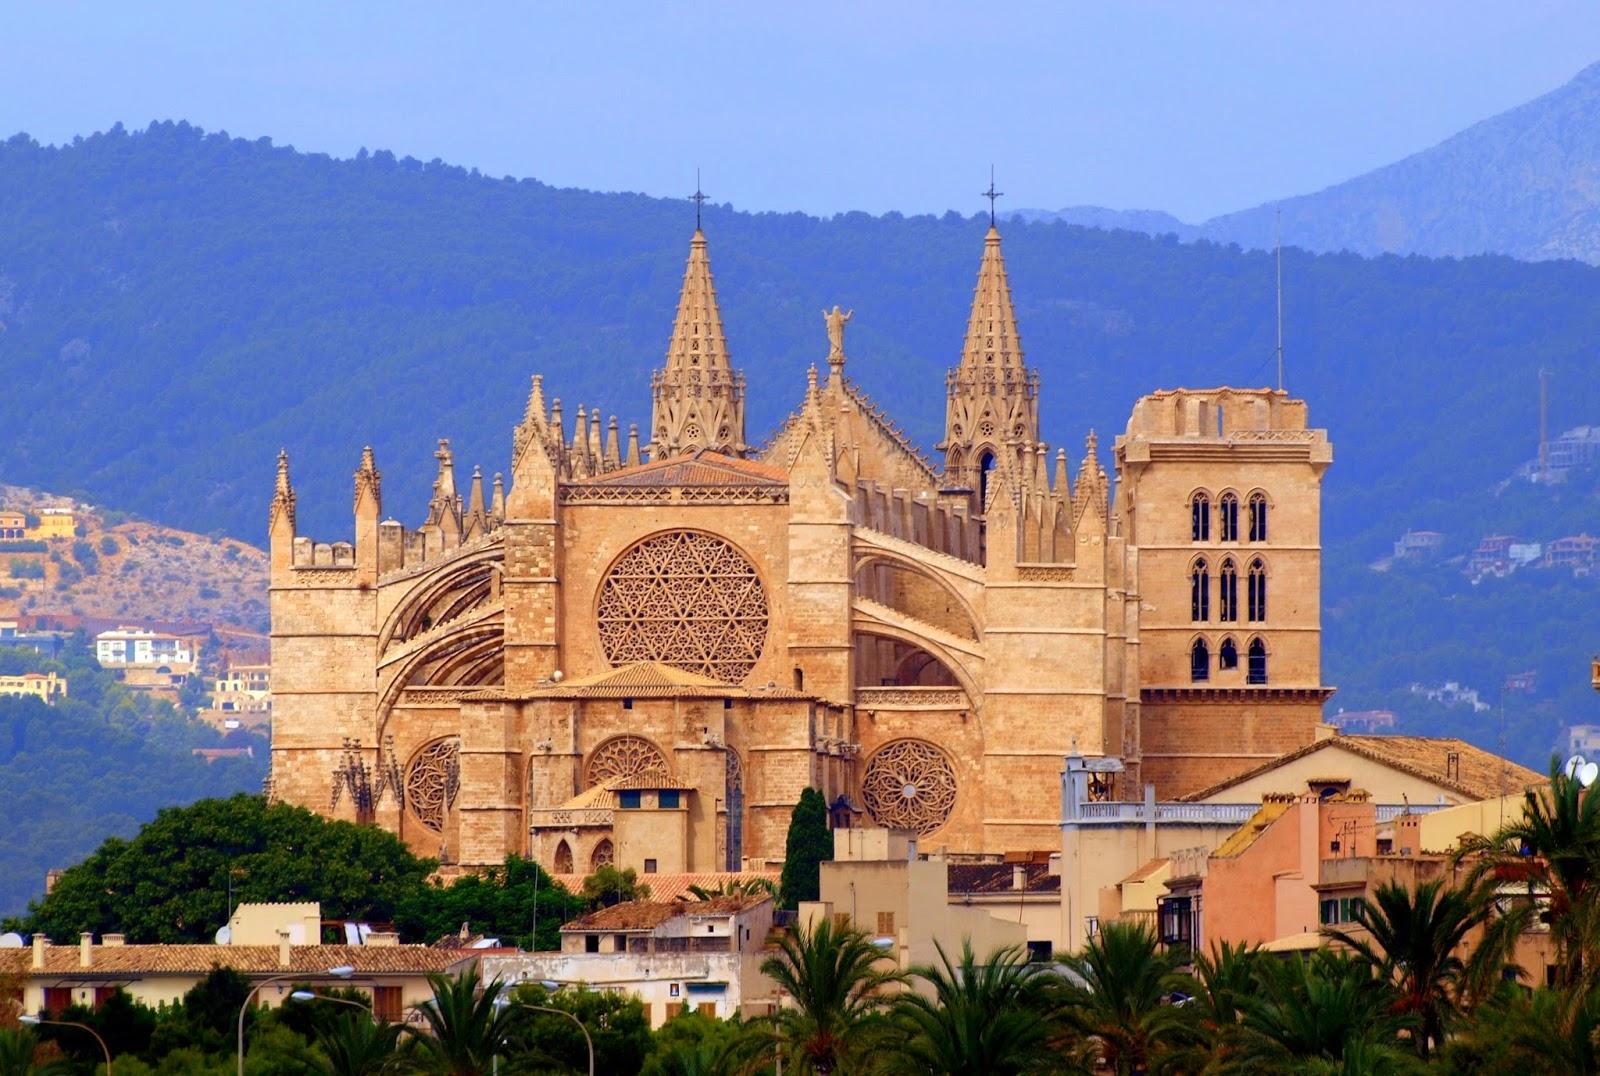 Bangunan Unik Sebagai Tempat Wisata di Spanyol